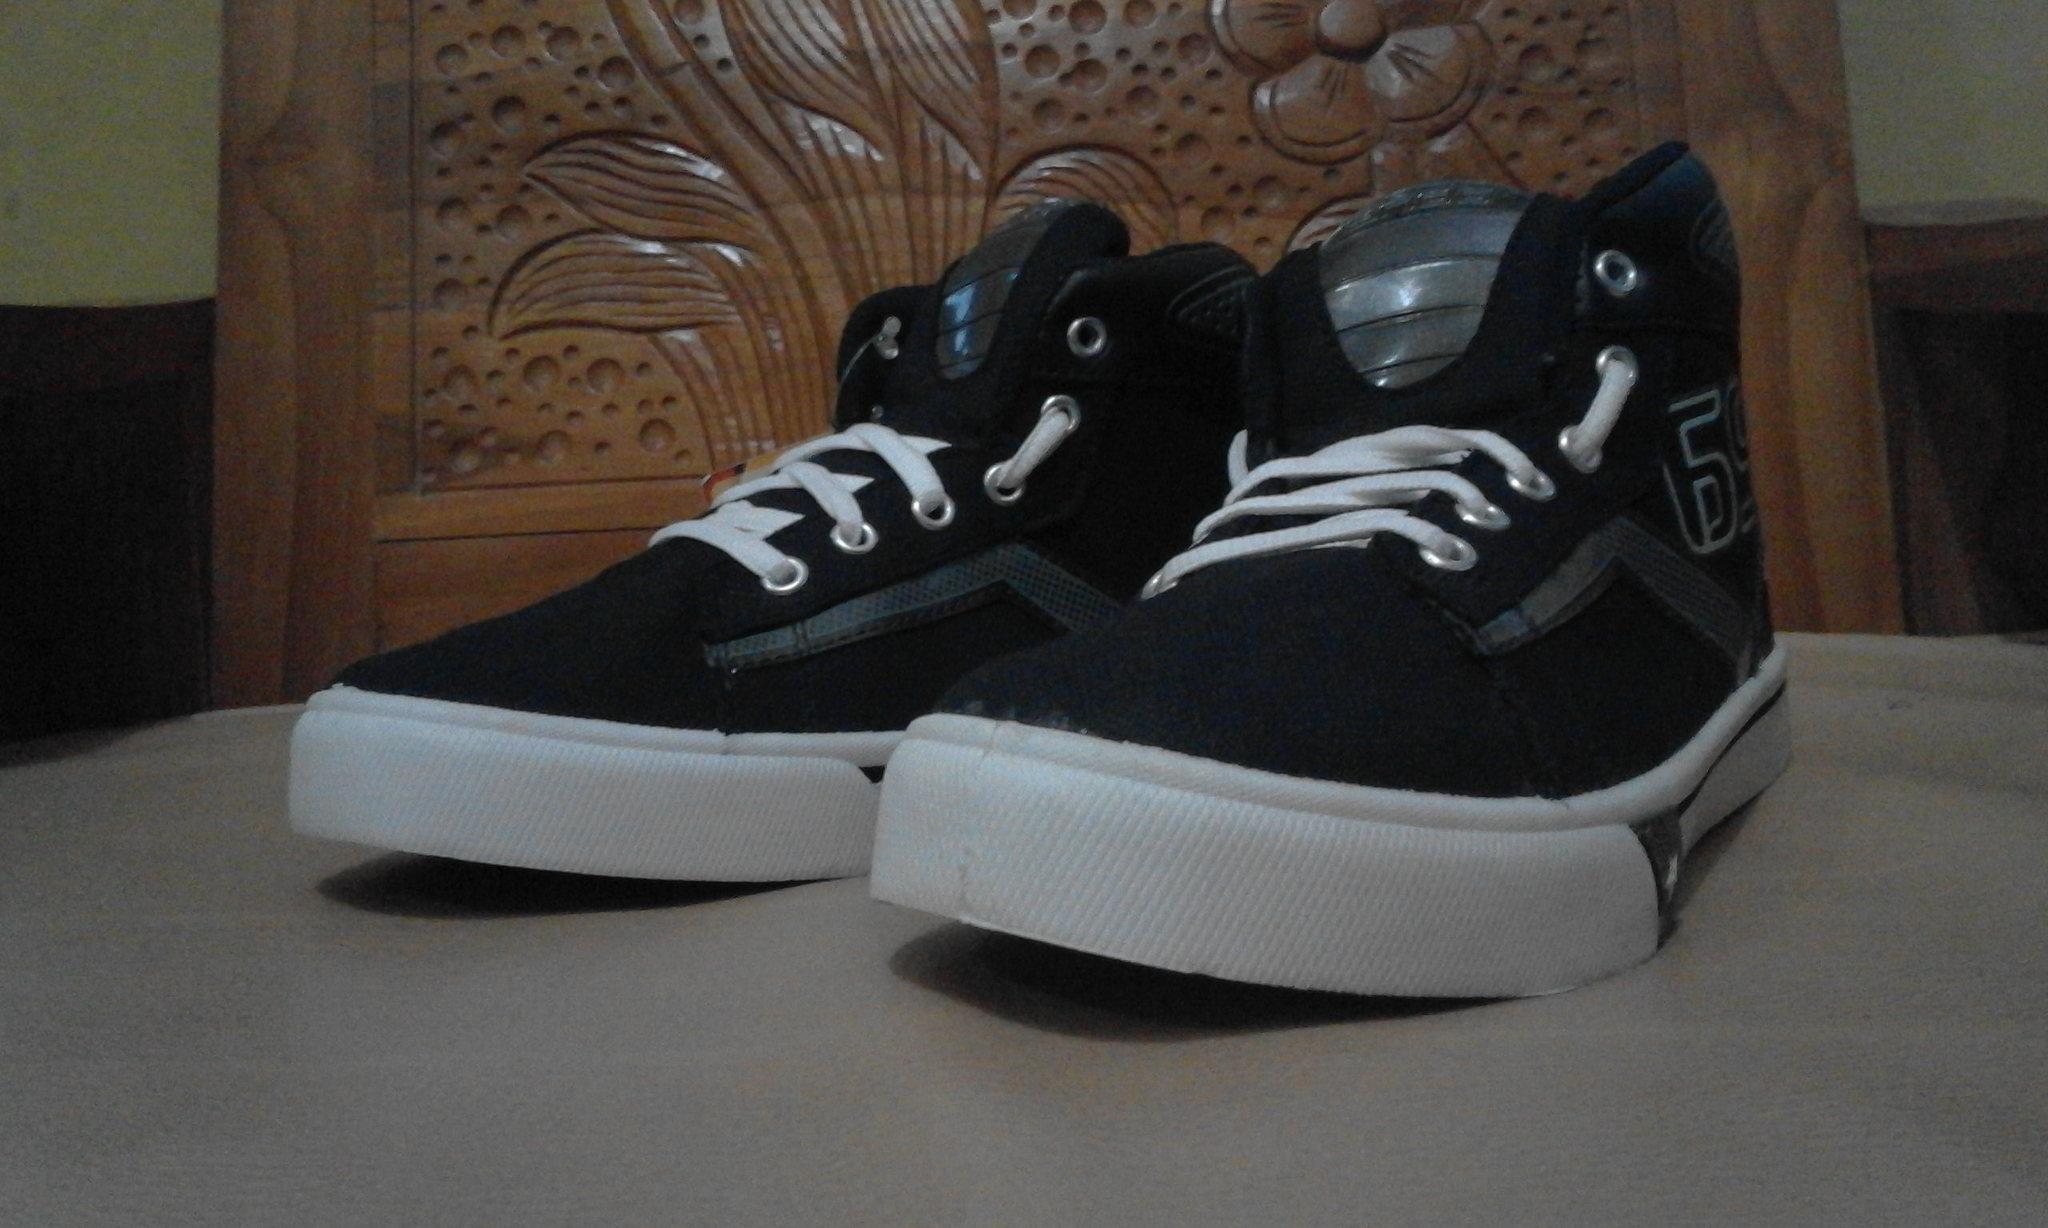 Ando New Prestige Sepatu Sekolah Anak Warna Hitam Putih - Daftar ... c7f706c2c4